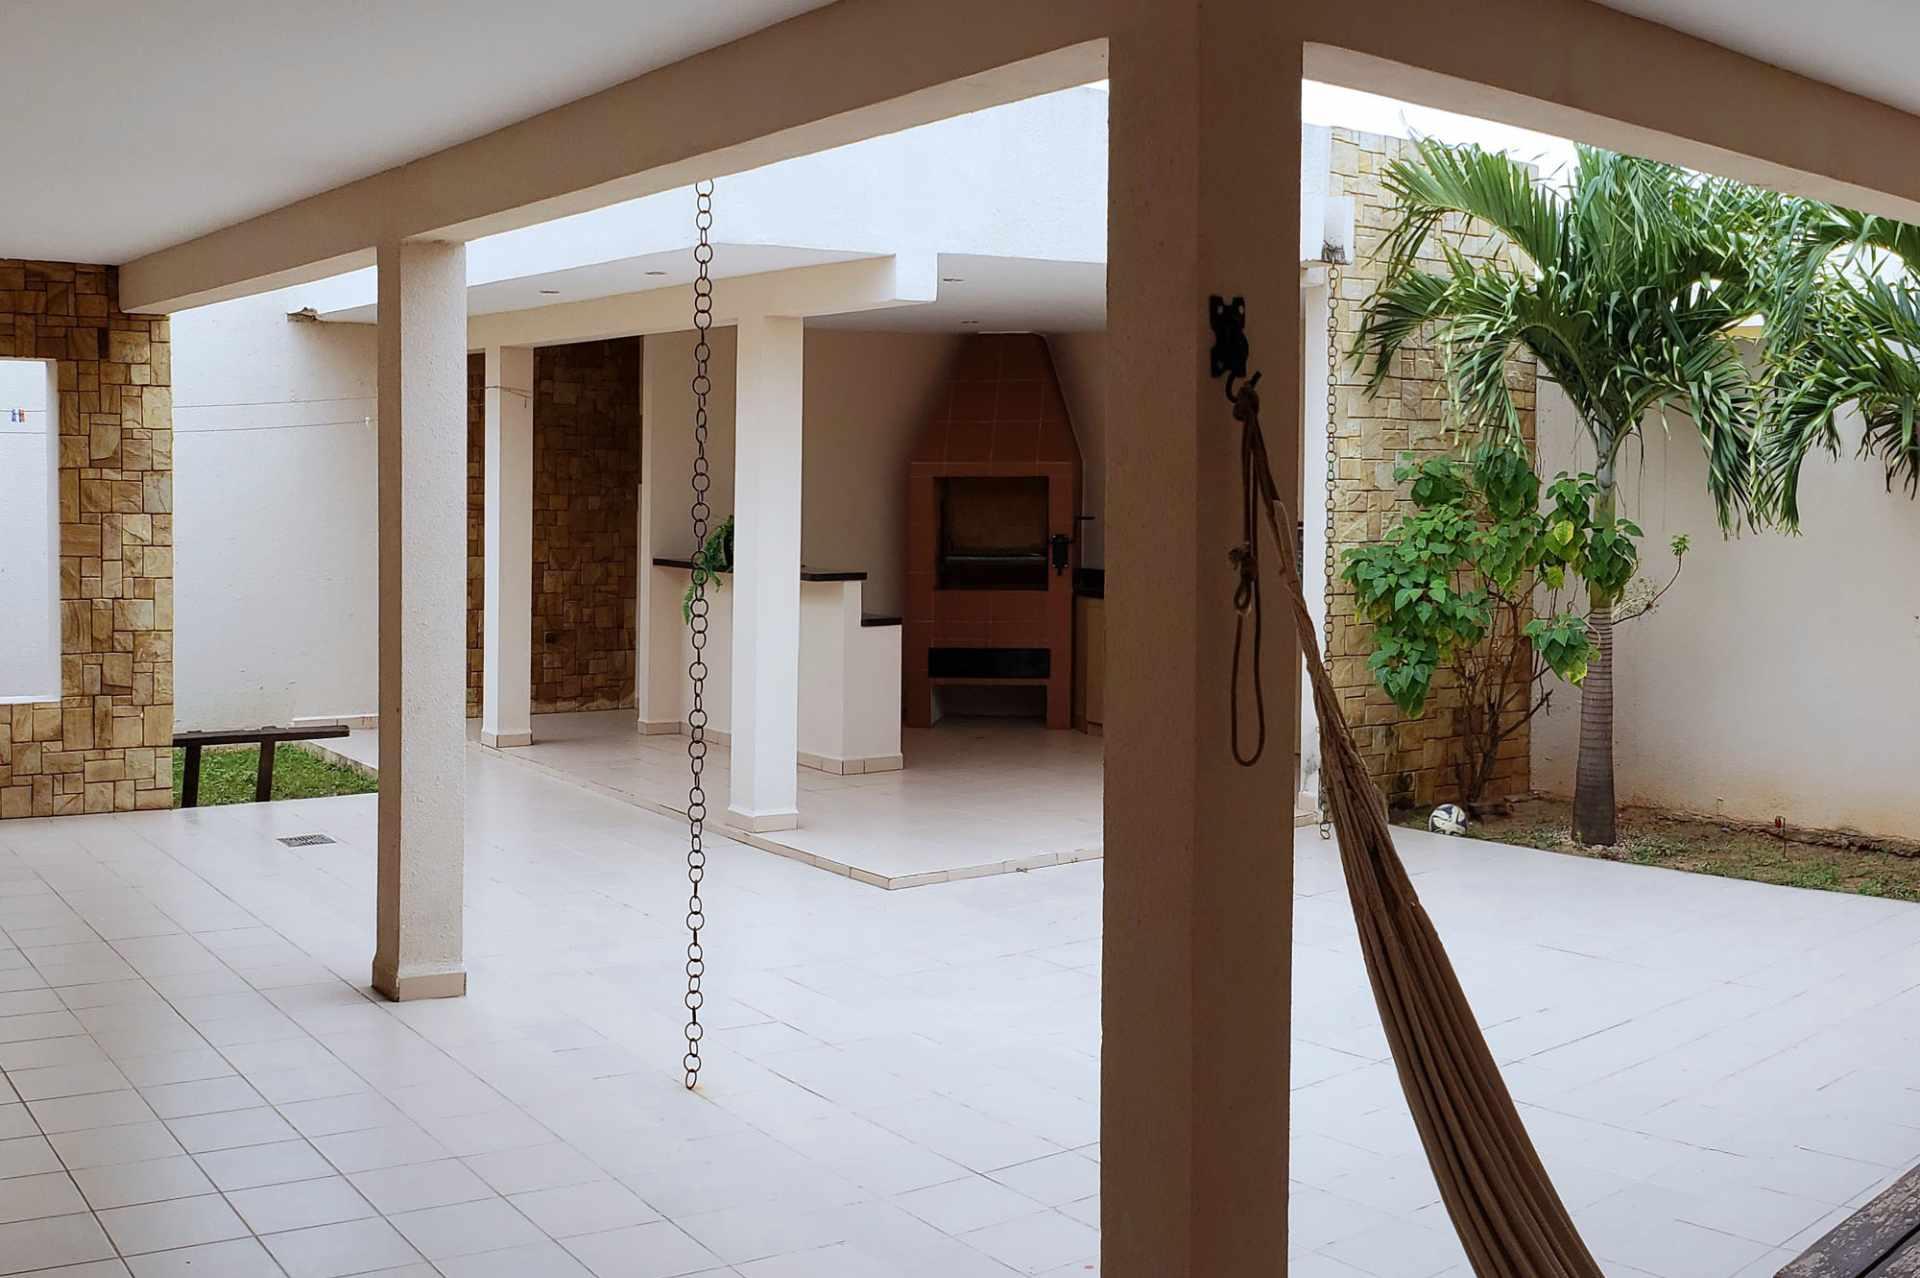 Casa en Venta CASA EN VENTA SEVILLA LAS TERRAS 2 Foto 15